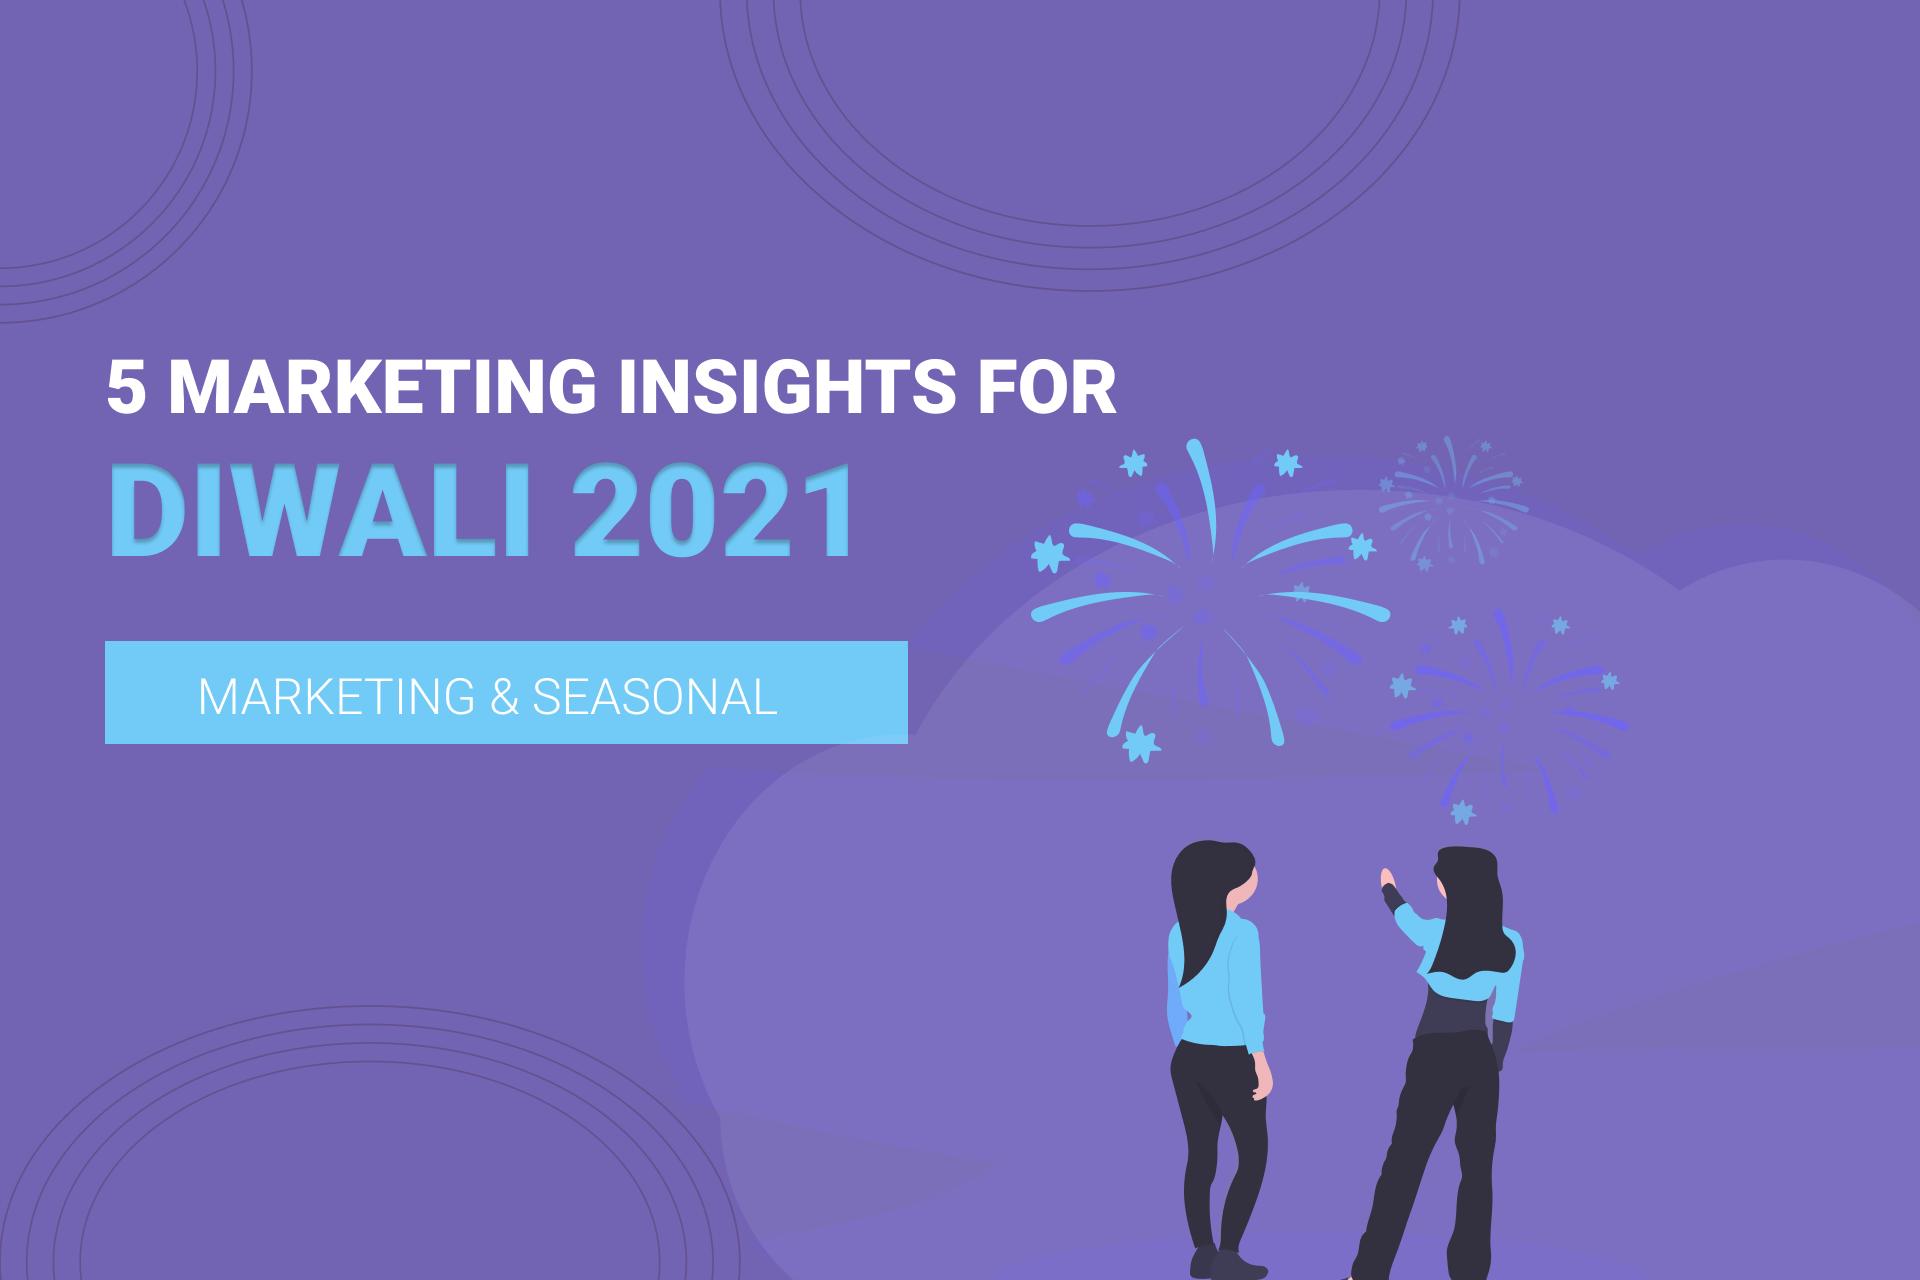 5 Digital Marketing Insights For Diwali 2021